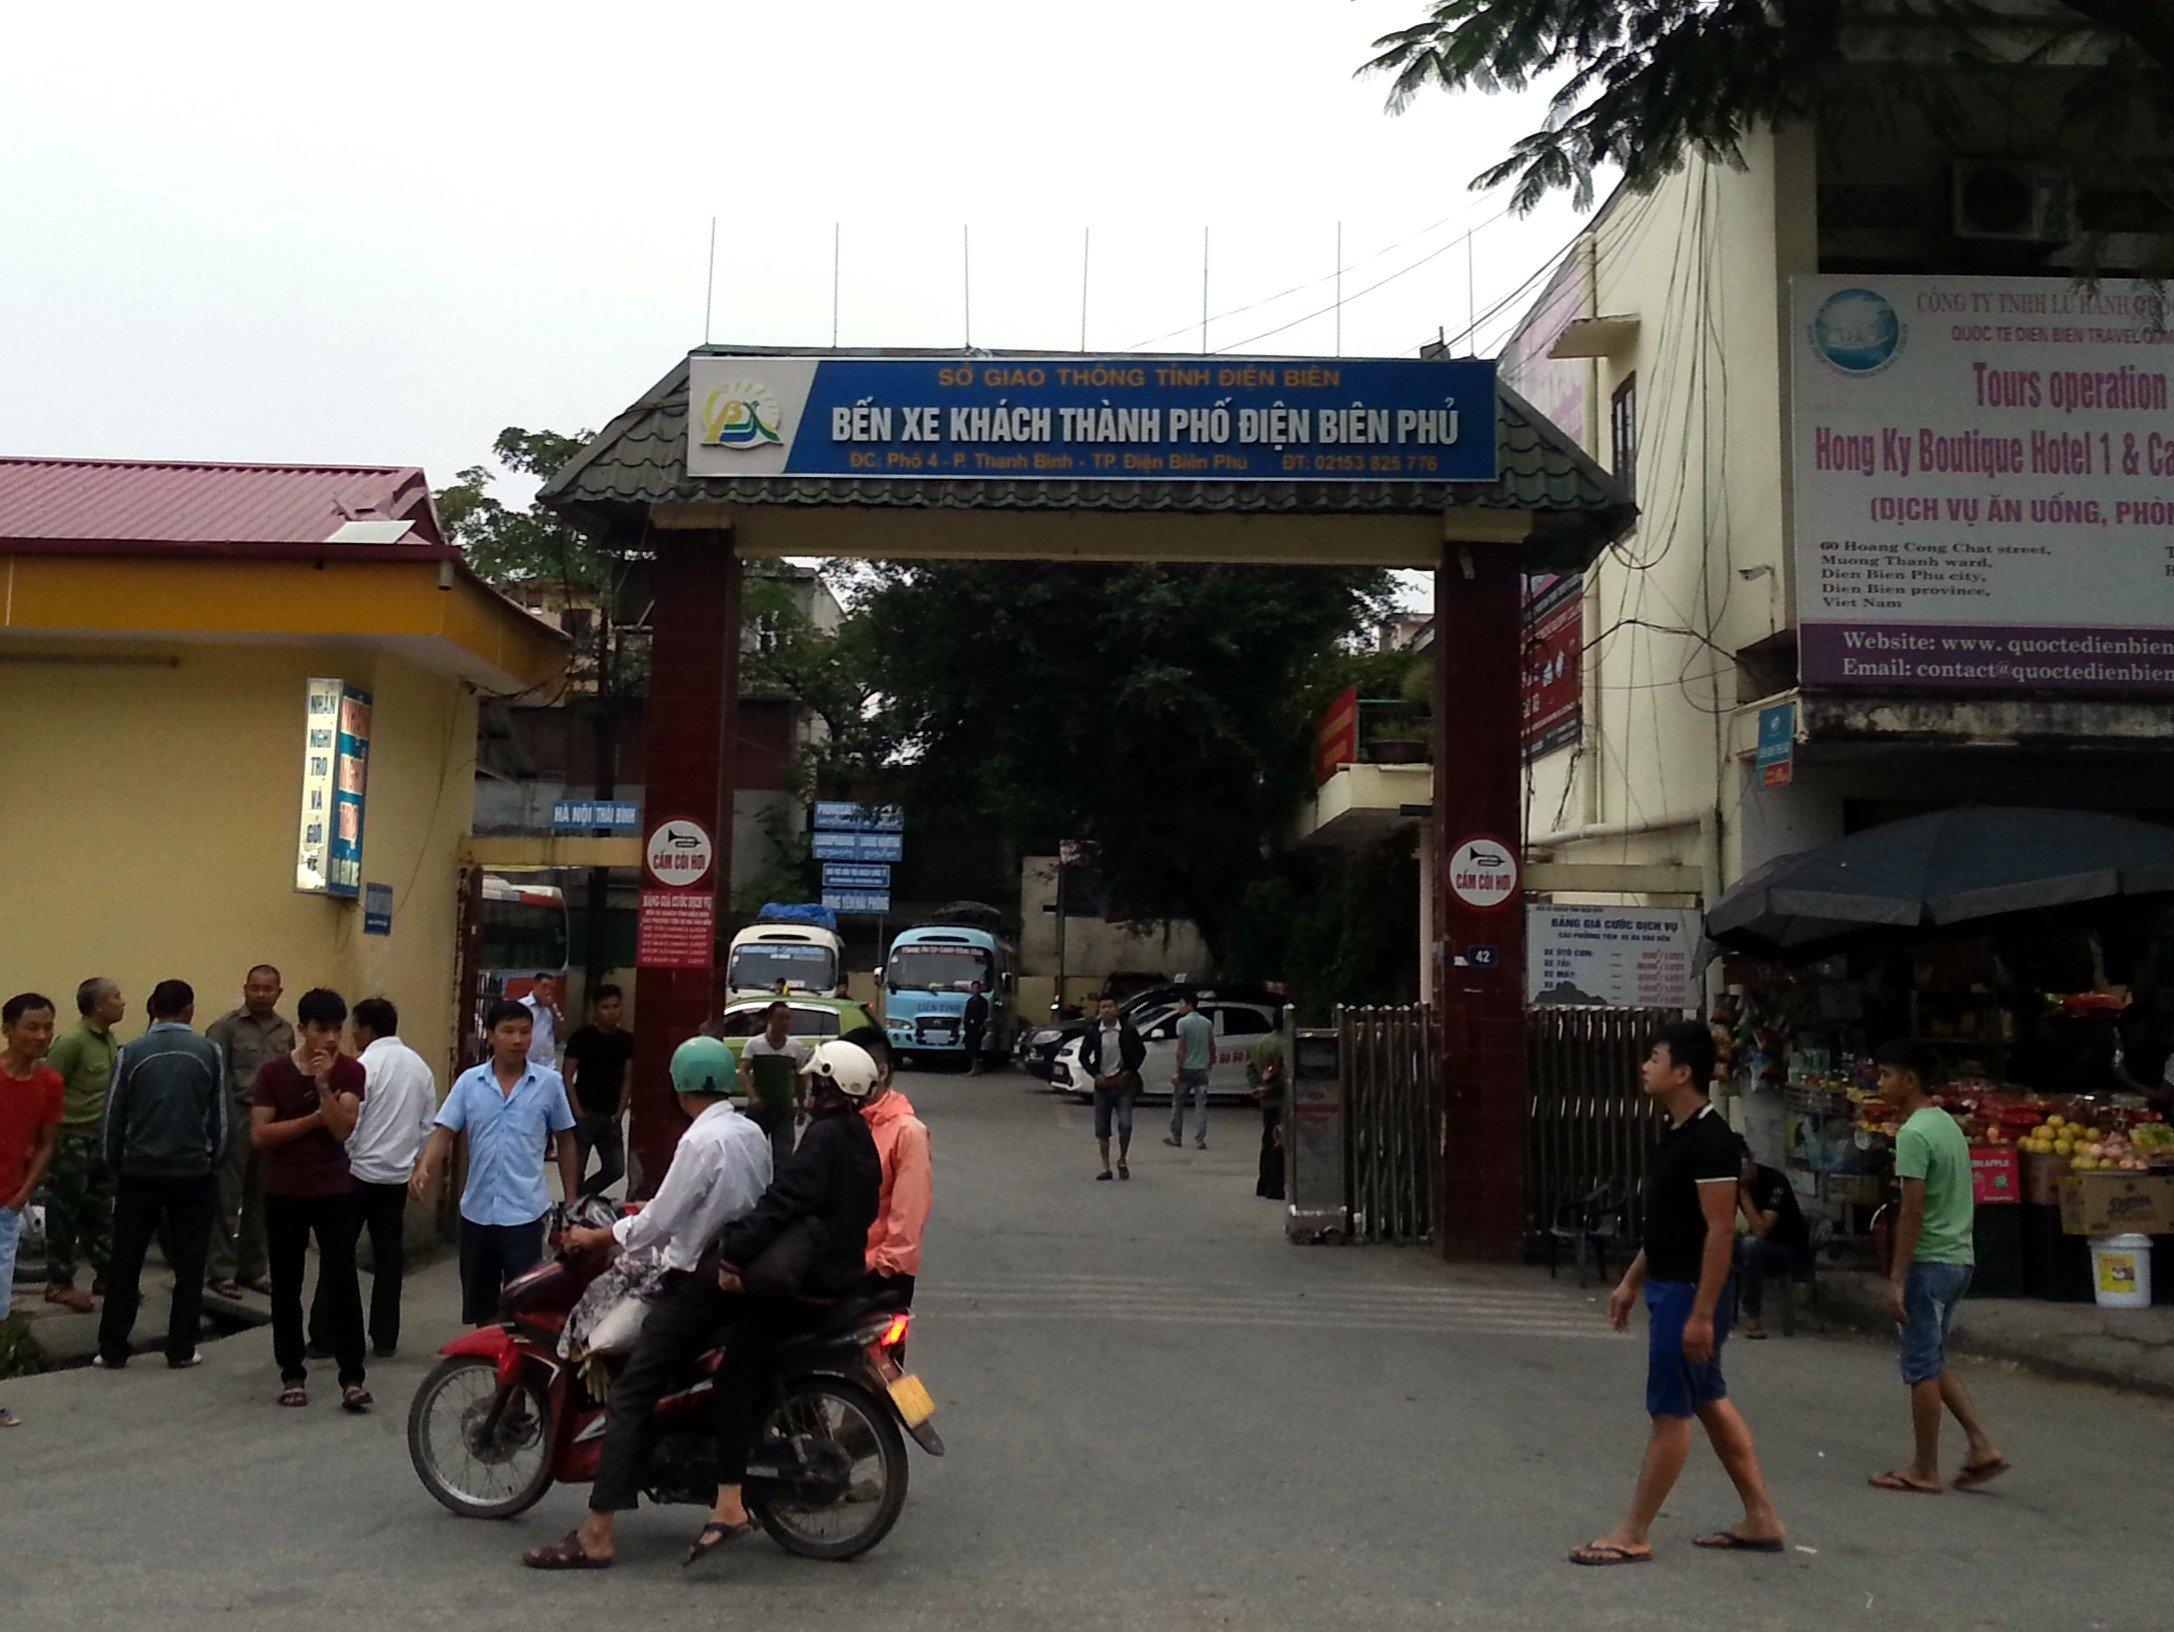 Dien Bien Phu Bus Station